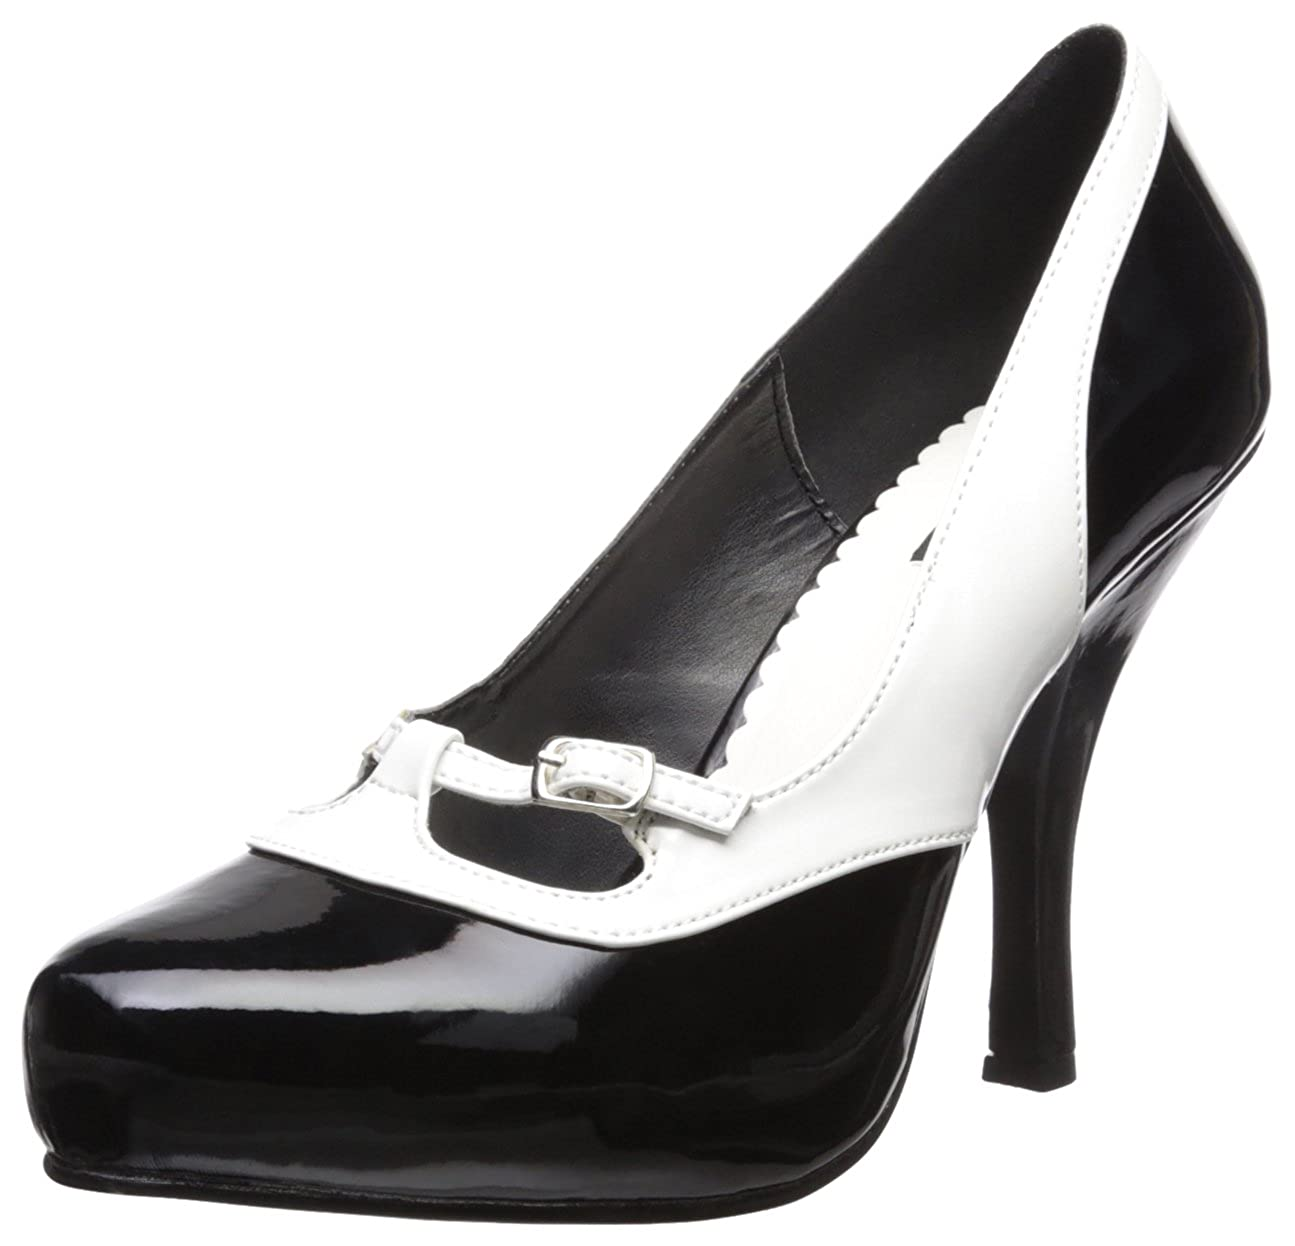 TALLA 41 EU. Pinup Couture - Zapatos de Vestir de Material sintético para Mujer Negro Negro y Blanco